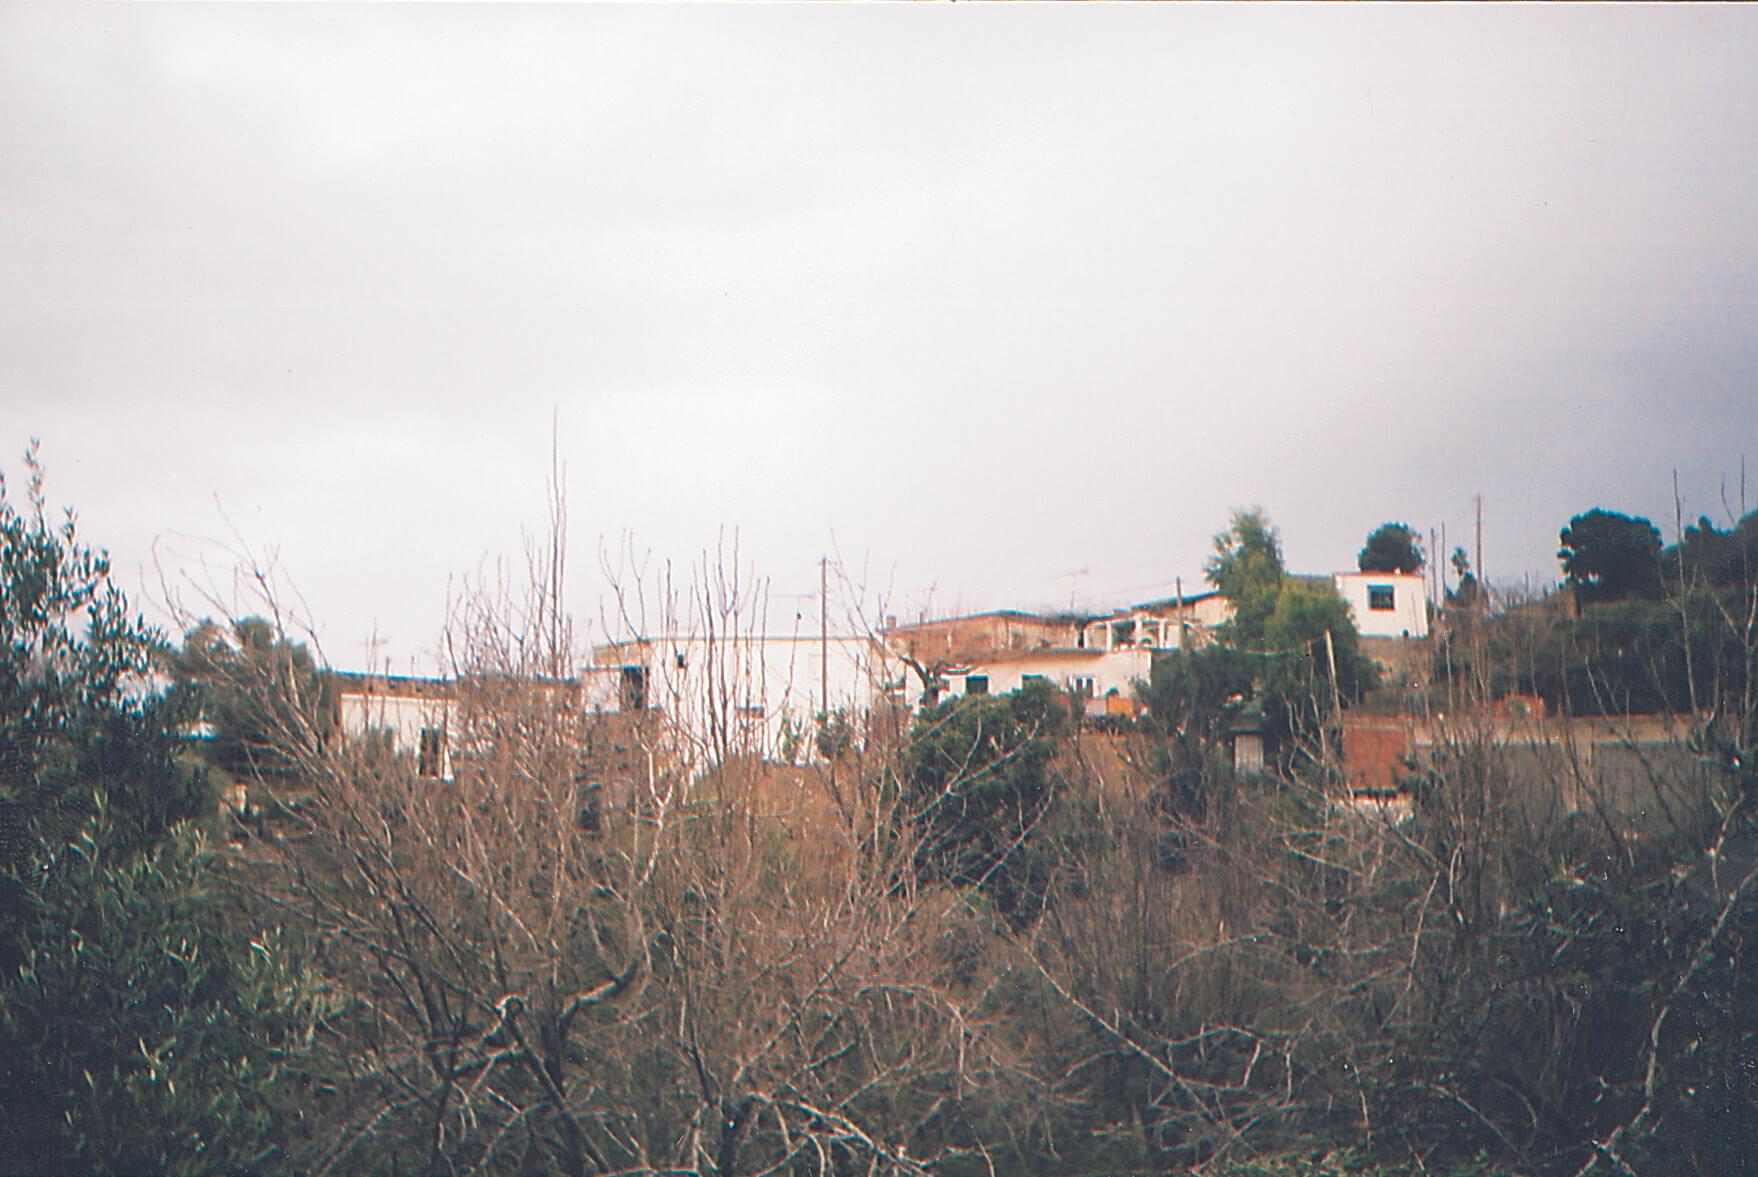 Σημερινή ἄποψη τοῦ χωριοῦ Σηρικάρι.